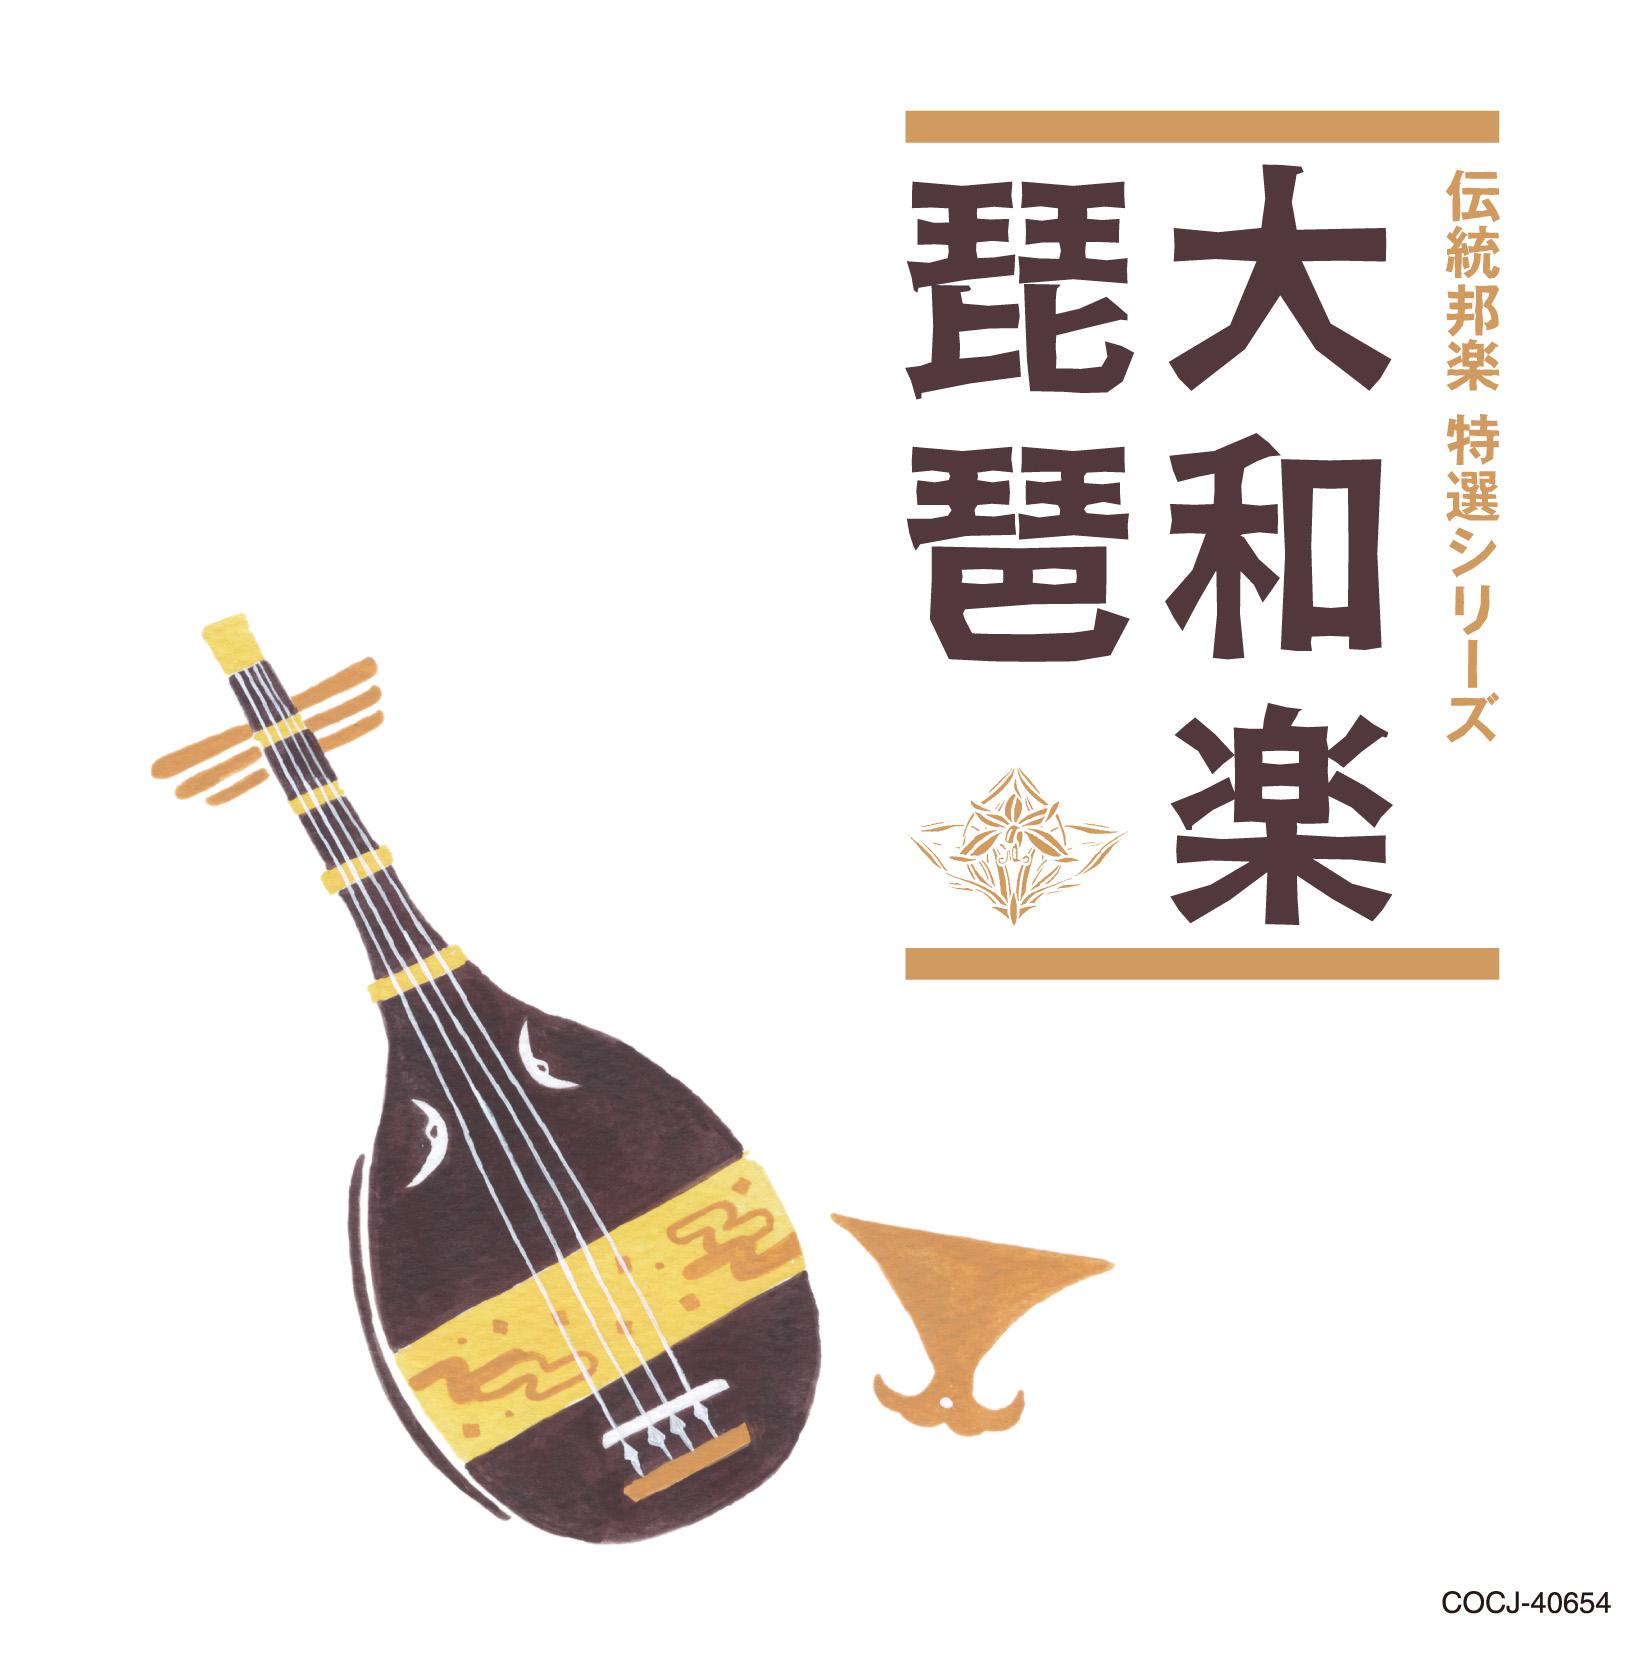 大和楽・琵琶/コロムビア伝統邦楽 特選シリーズ[1606]